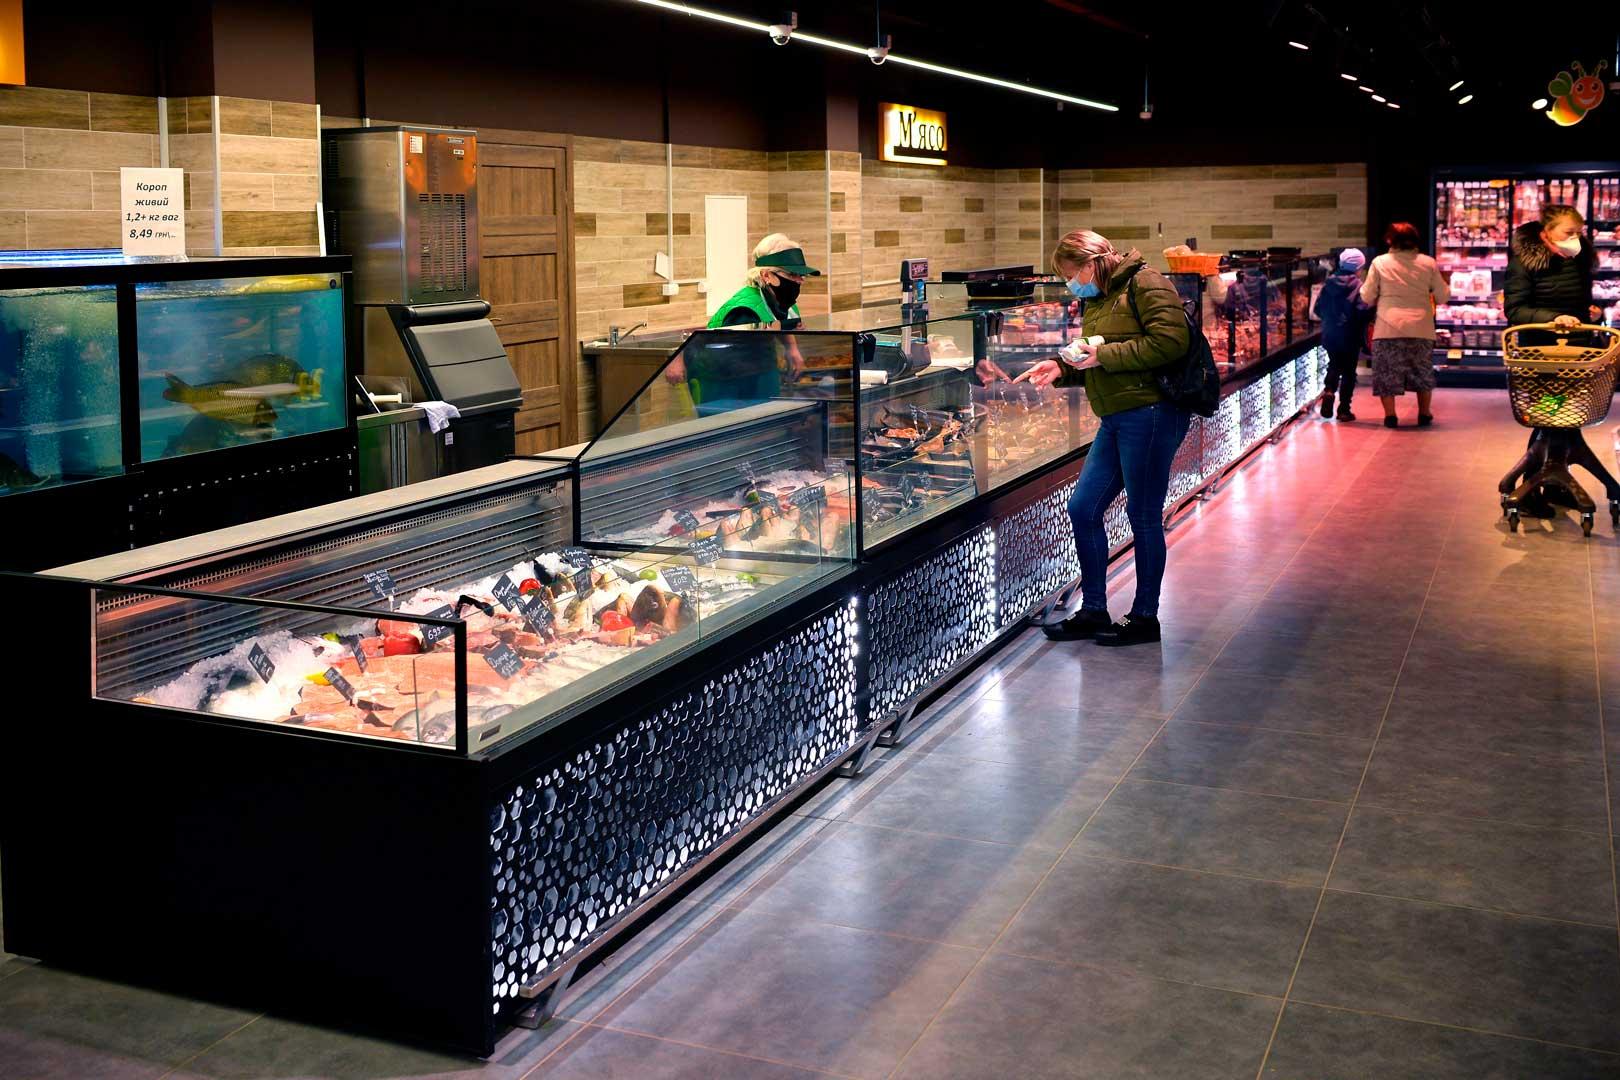 """Спеціалізована вітрина для продажу риби та морепродуктів на льоду Missouri MC 120 fish self 086, супермаркет """"Пчелка-маркет"""